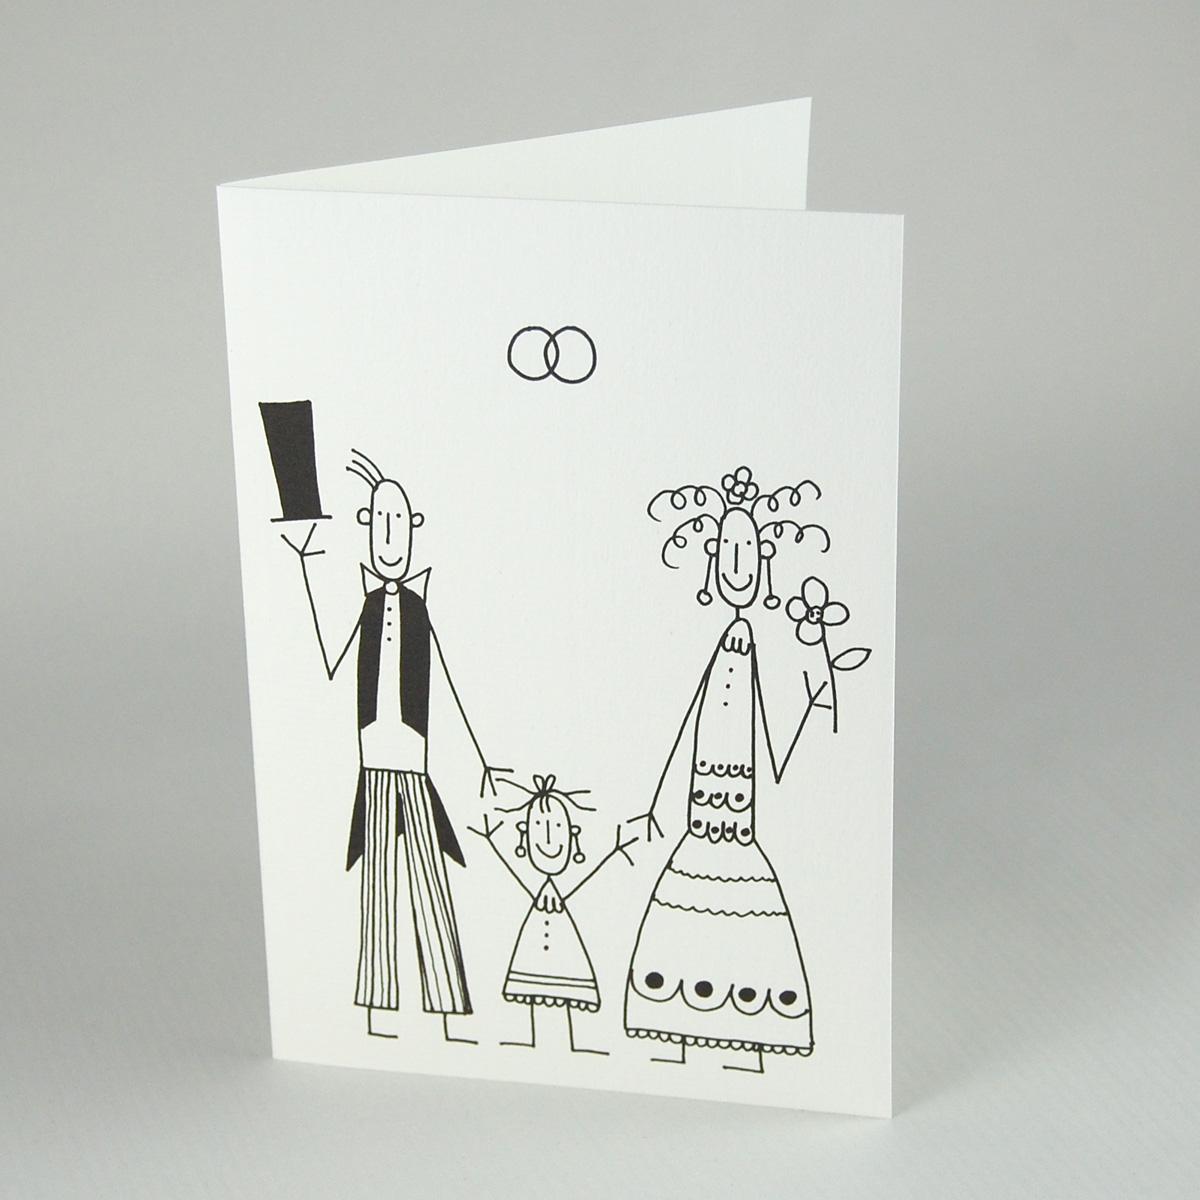 Taufhochzeitskarte: Brautpaar Mit Kind (Franz Basdera)